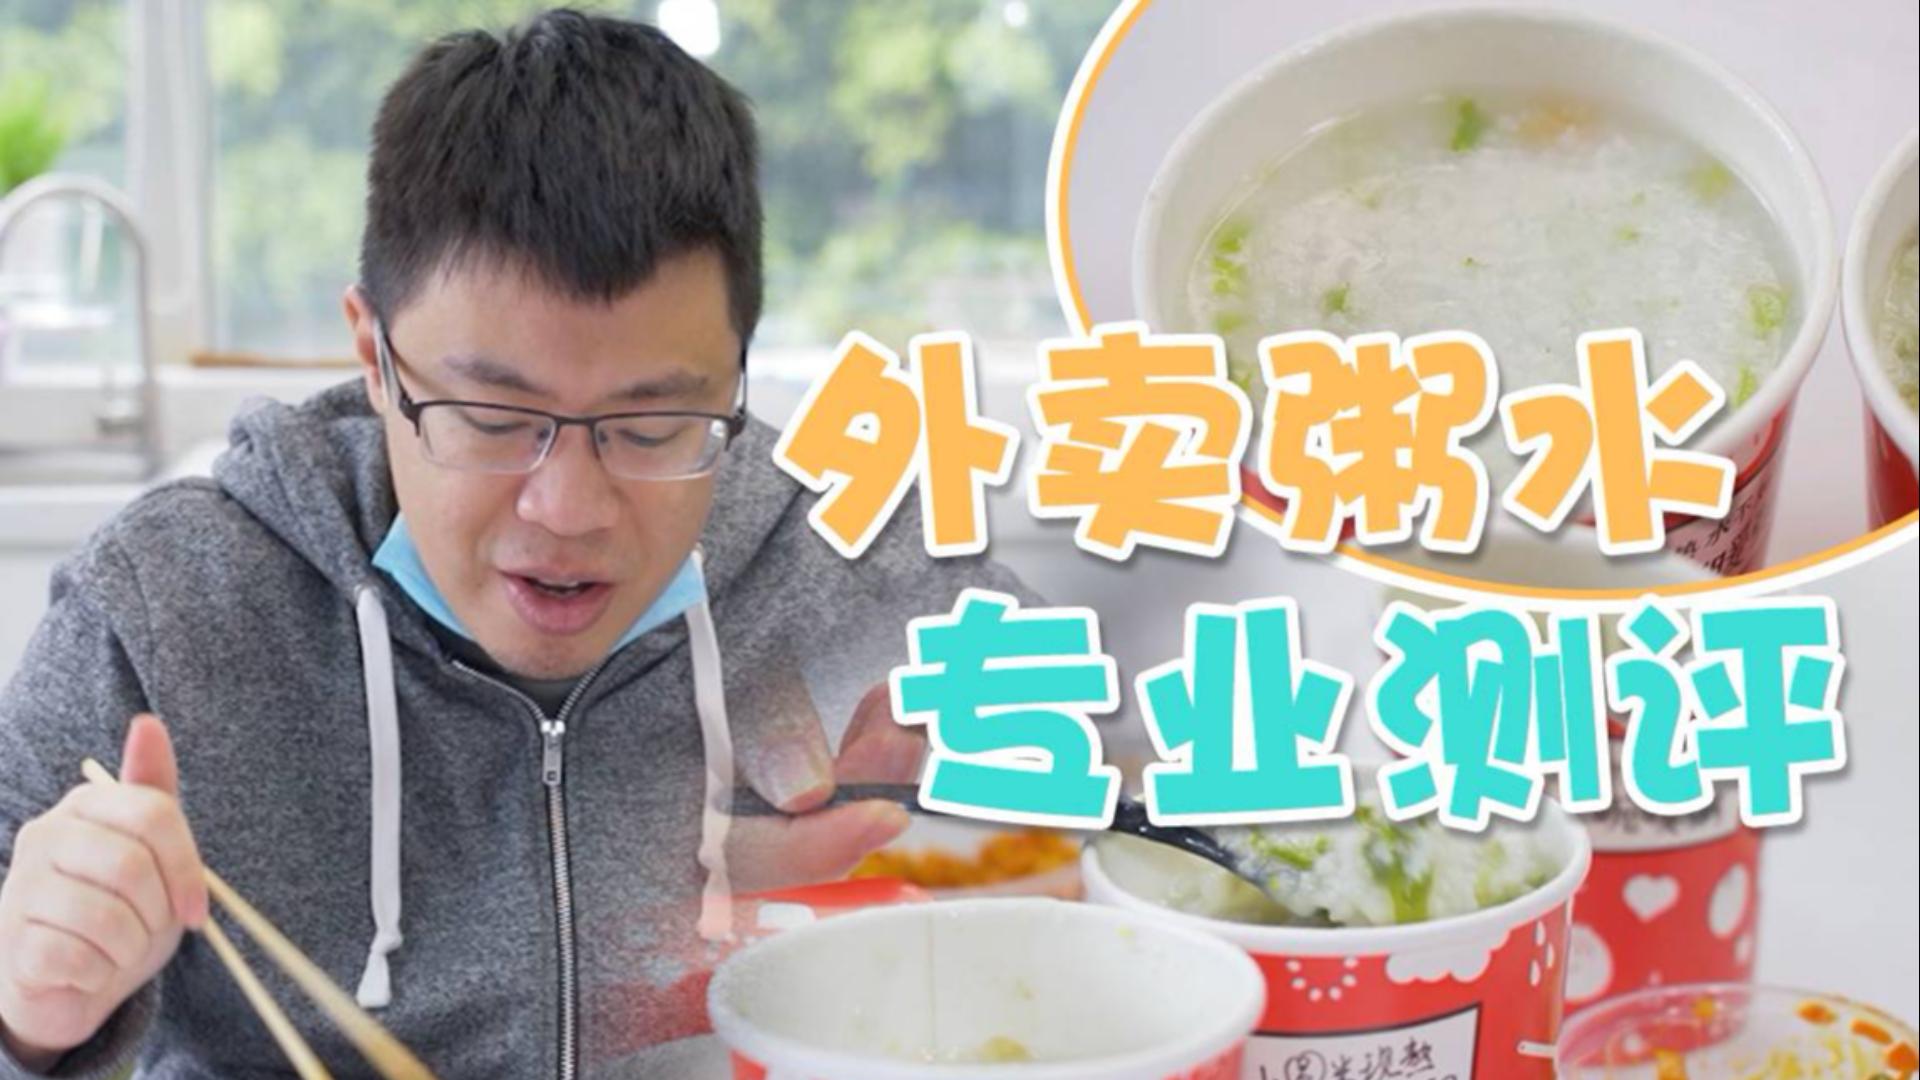 嘉升:同样是测评外卖,为什么大秋是米其林,我却要吃粥?